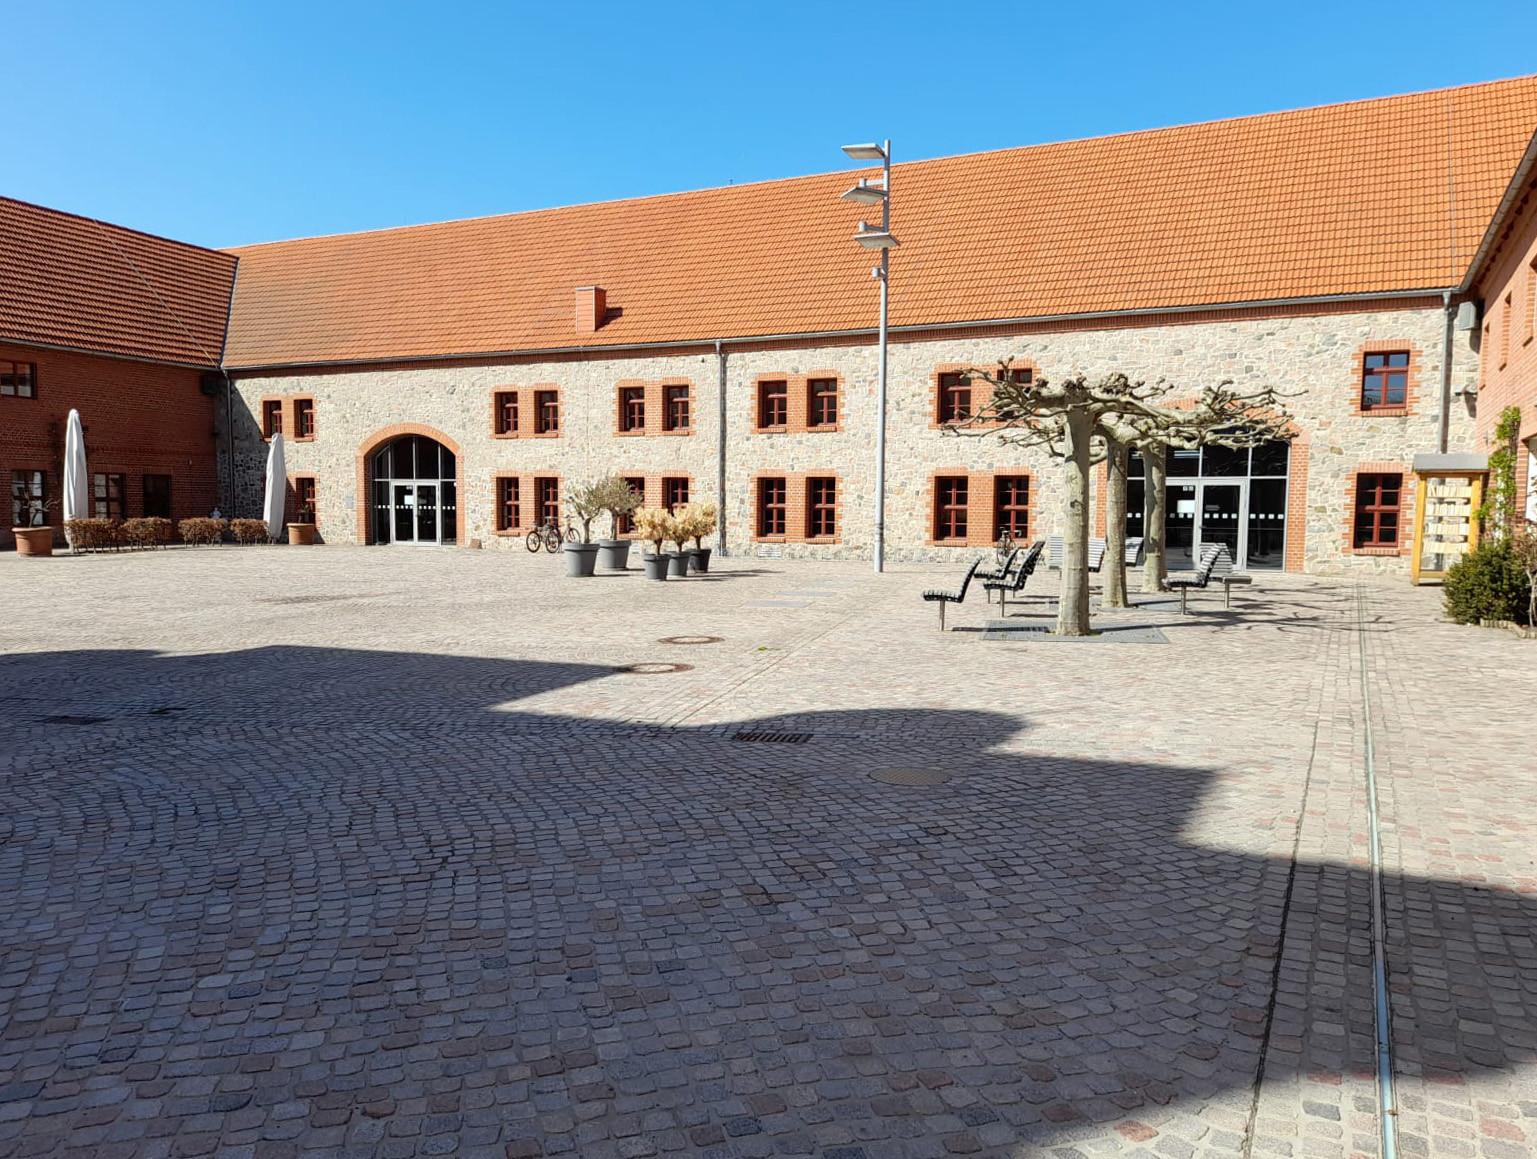 Holger Stahlknecht - Wahlreise durch die Gemeinde Barleben